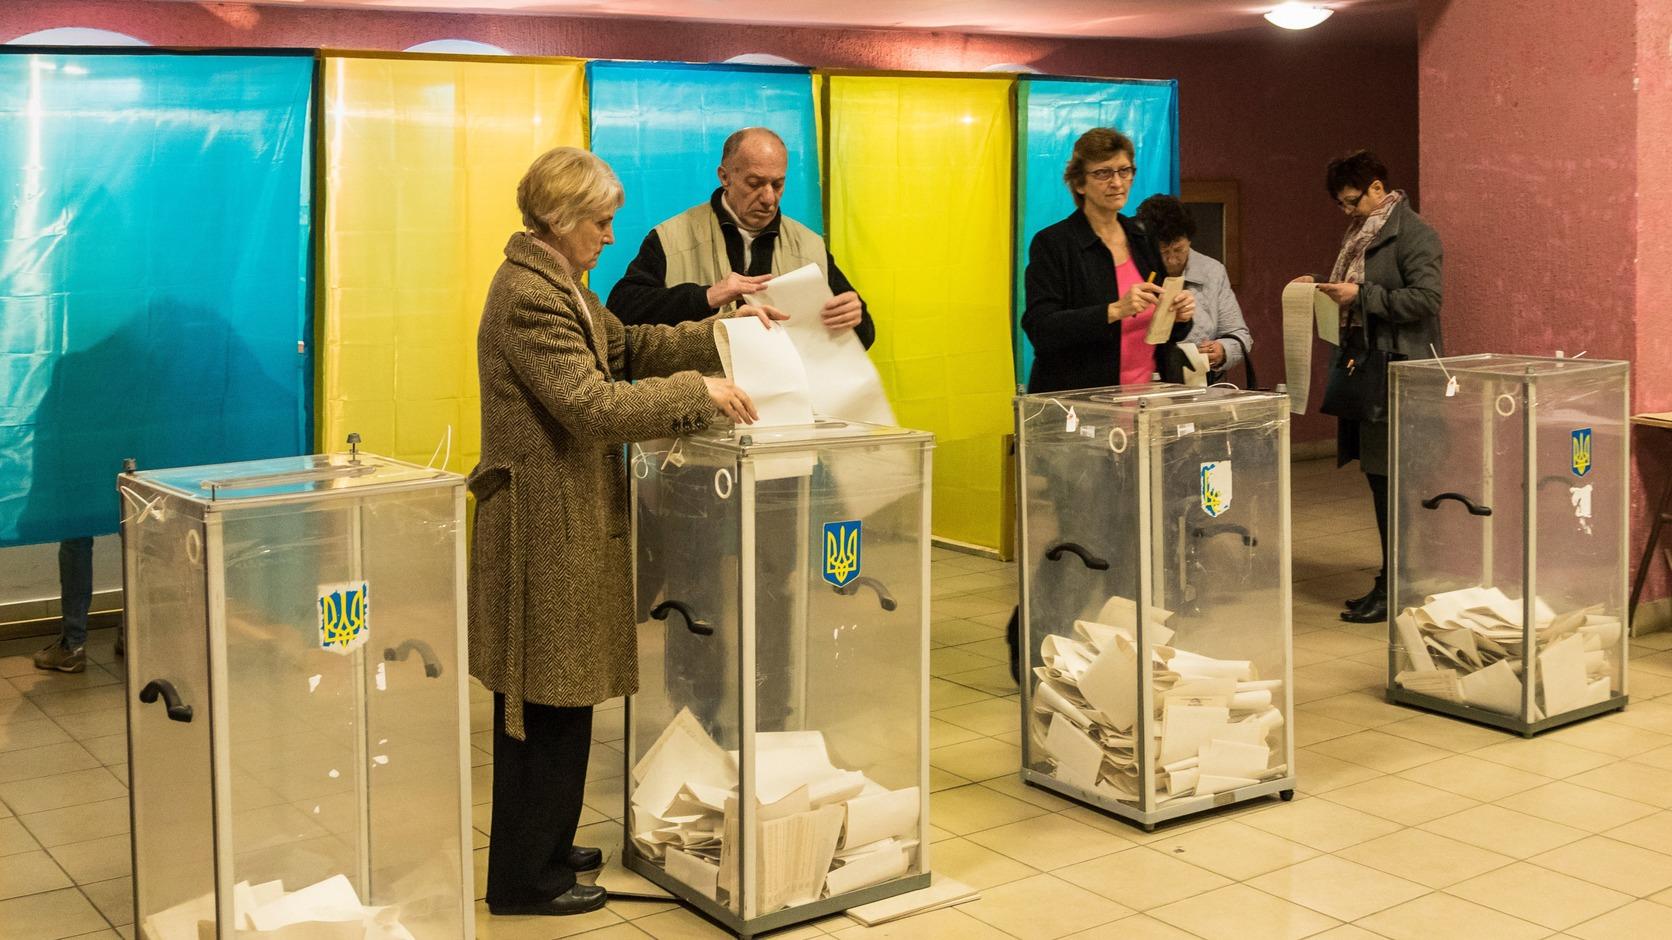 A klónozás a szavazók megtévesztésével okoz kárt a valódi jelölt számára (Fotó: MTI/Nemes János)